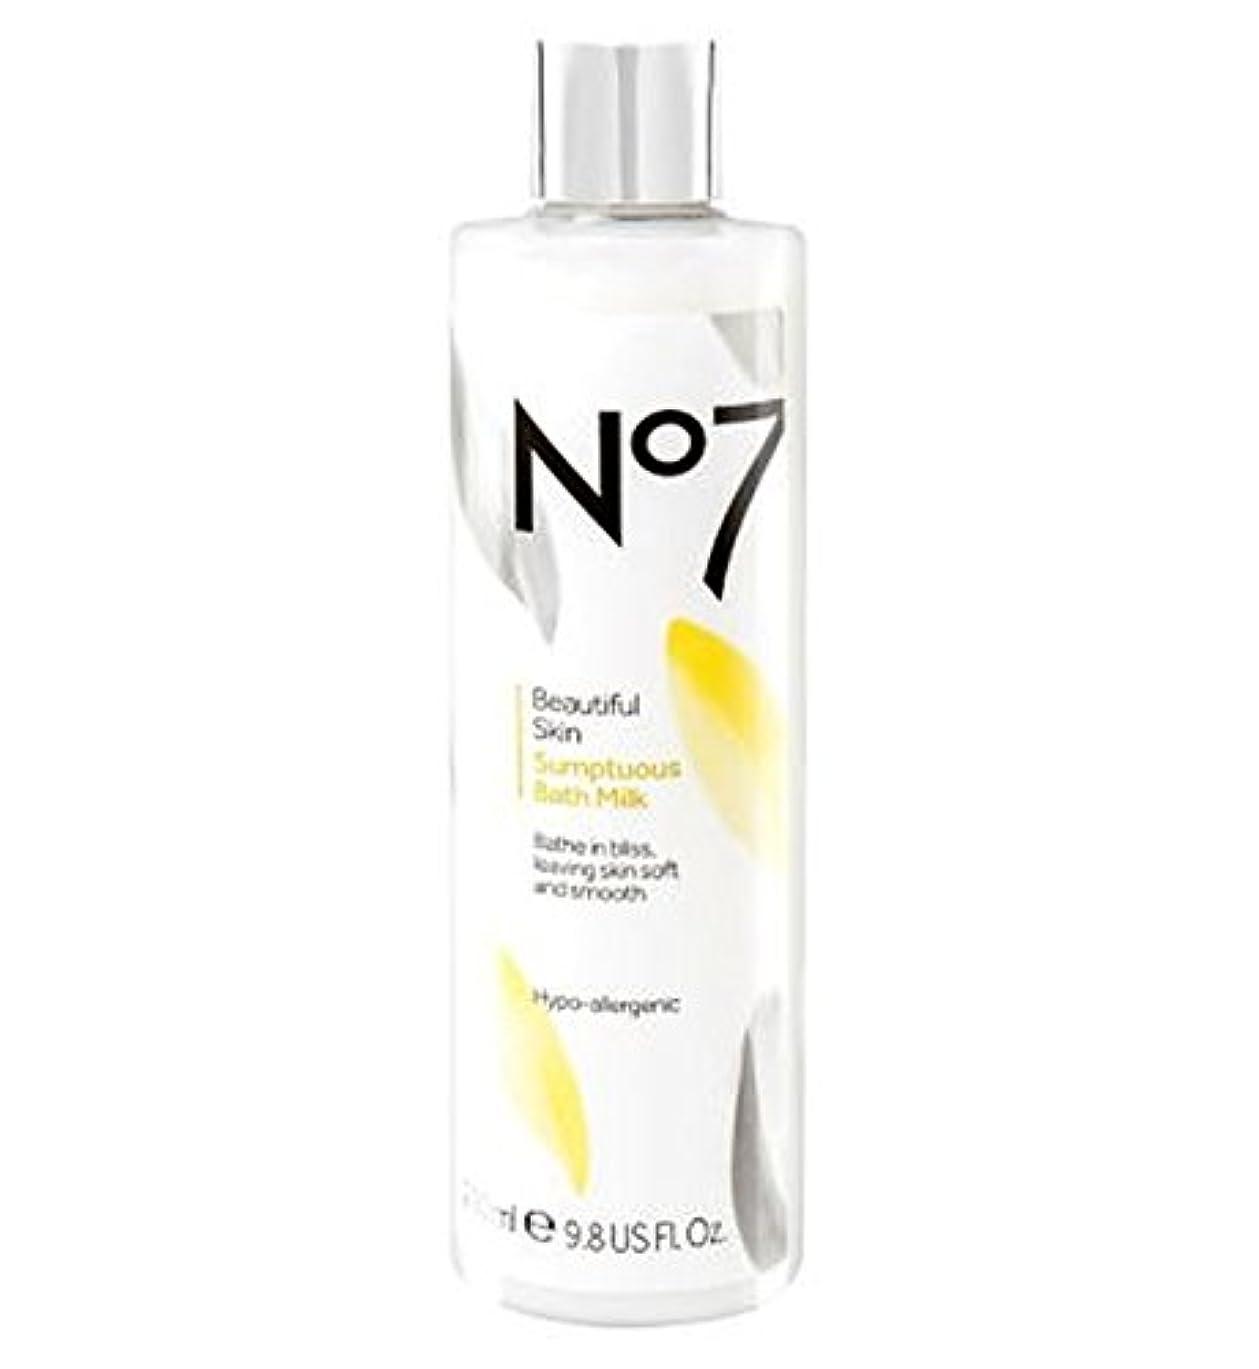 開示する脚本家料理をするNo7 Beautiful Skin Sumptuous Bath Milk - No7美しい肌豪華なバスミルク (No7) [並行輸入品]